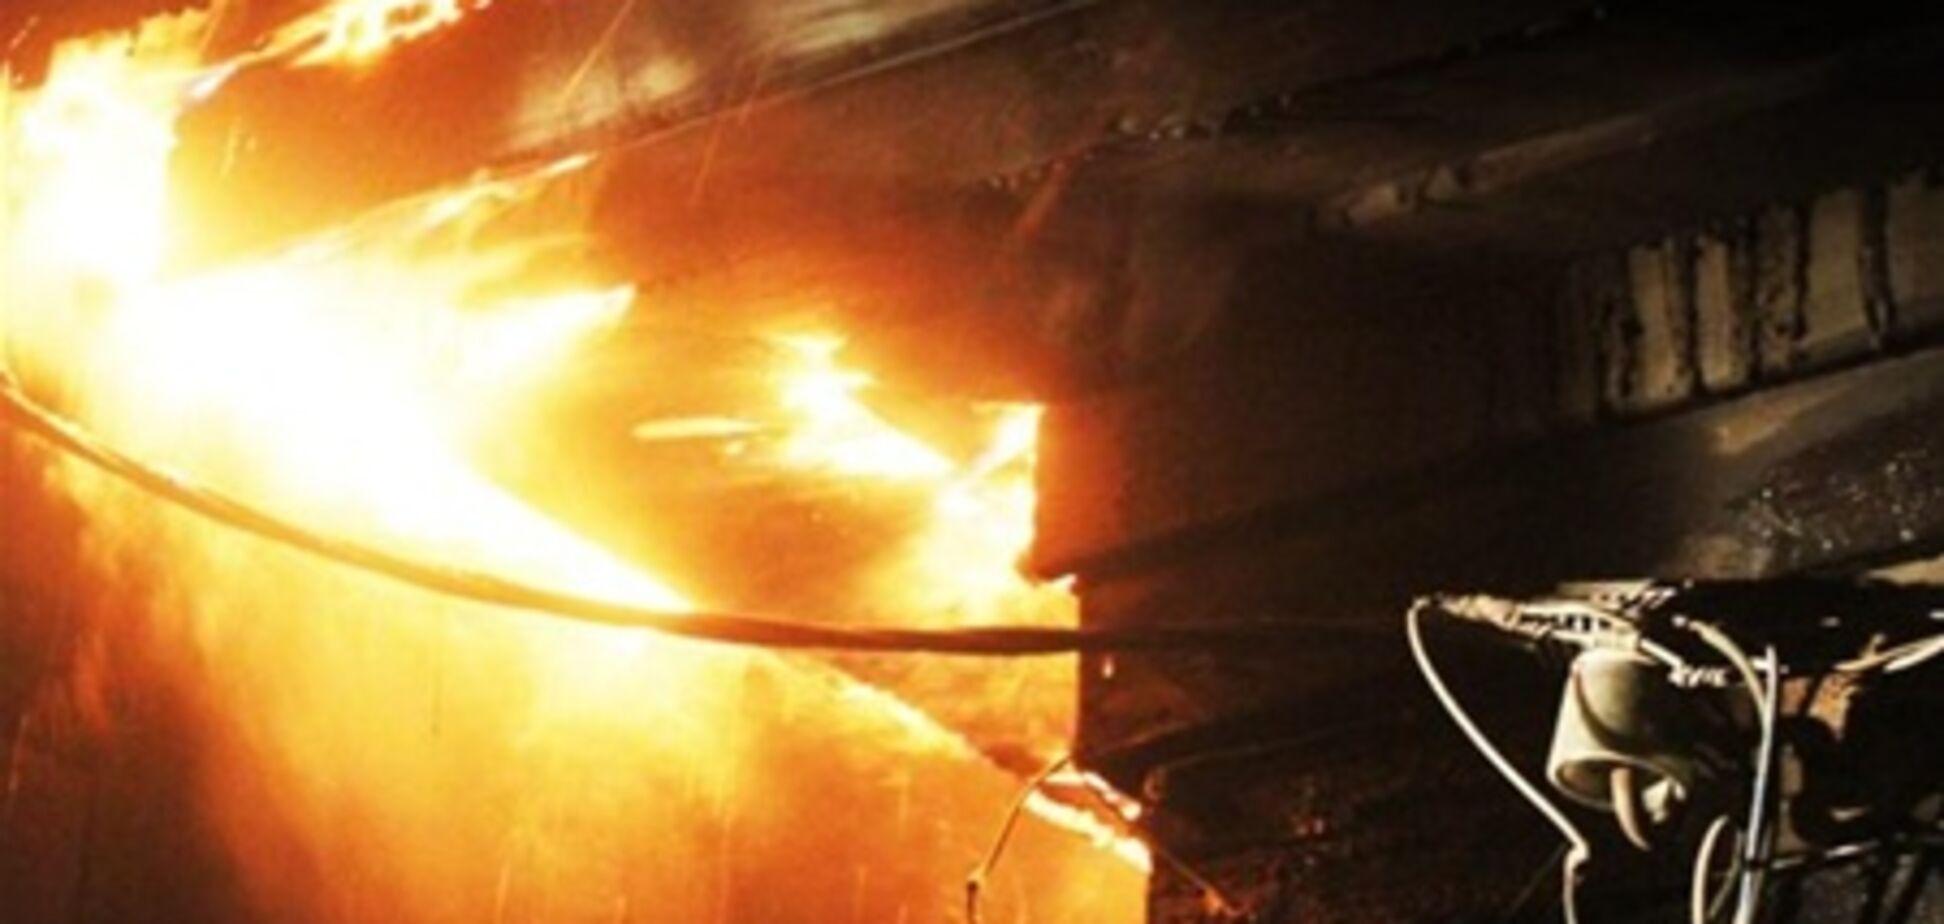 На Полтавщині замикання електропроводки спричинило пожежу